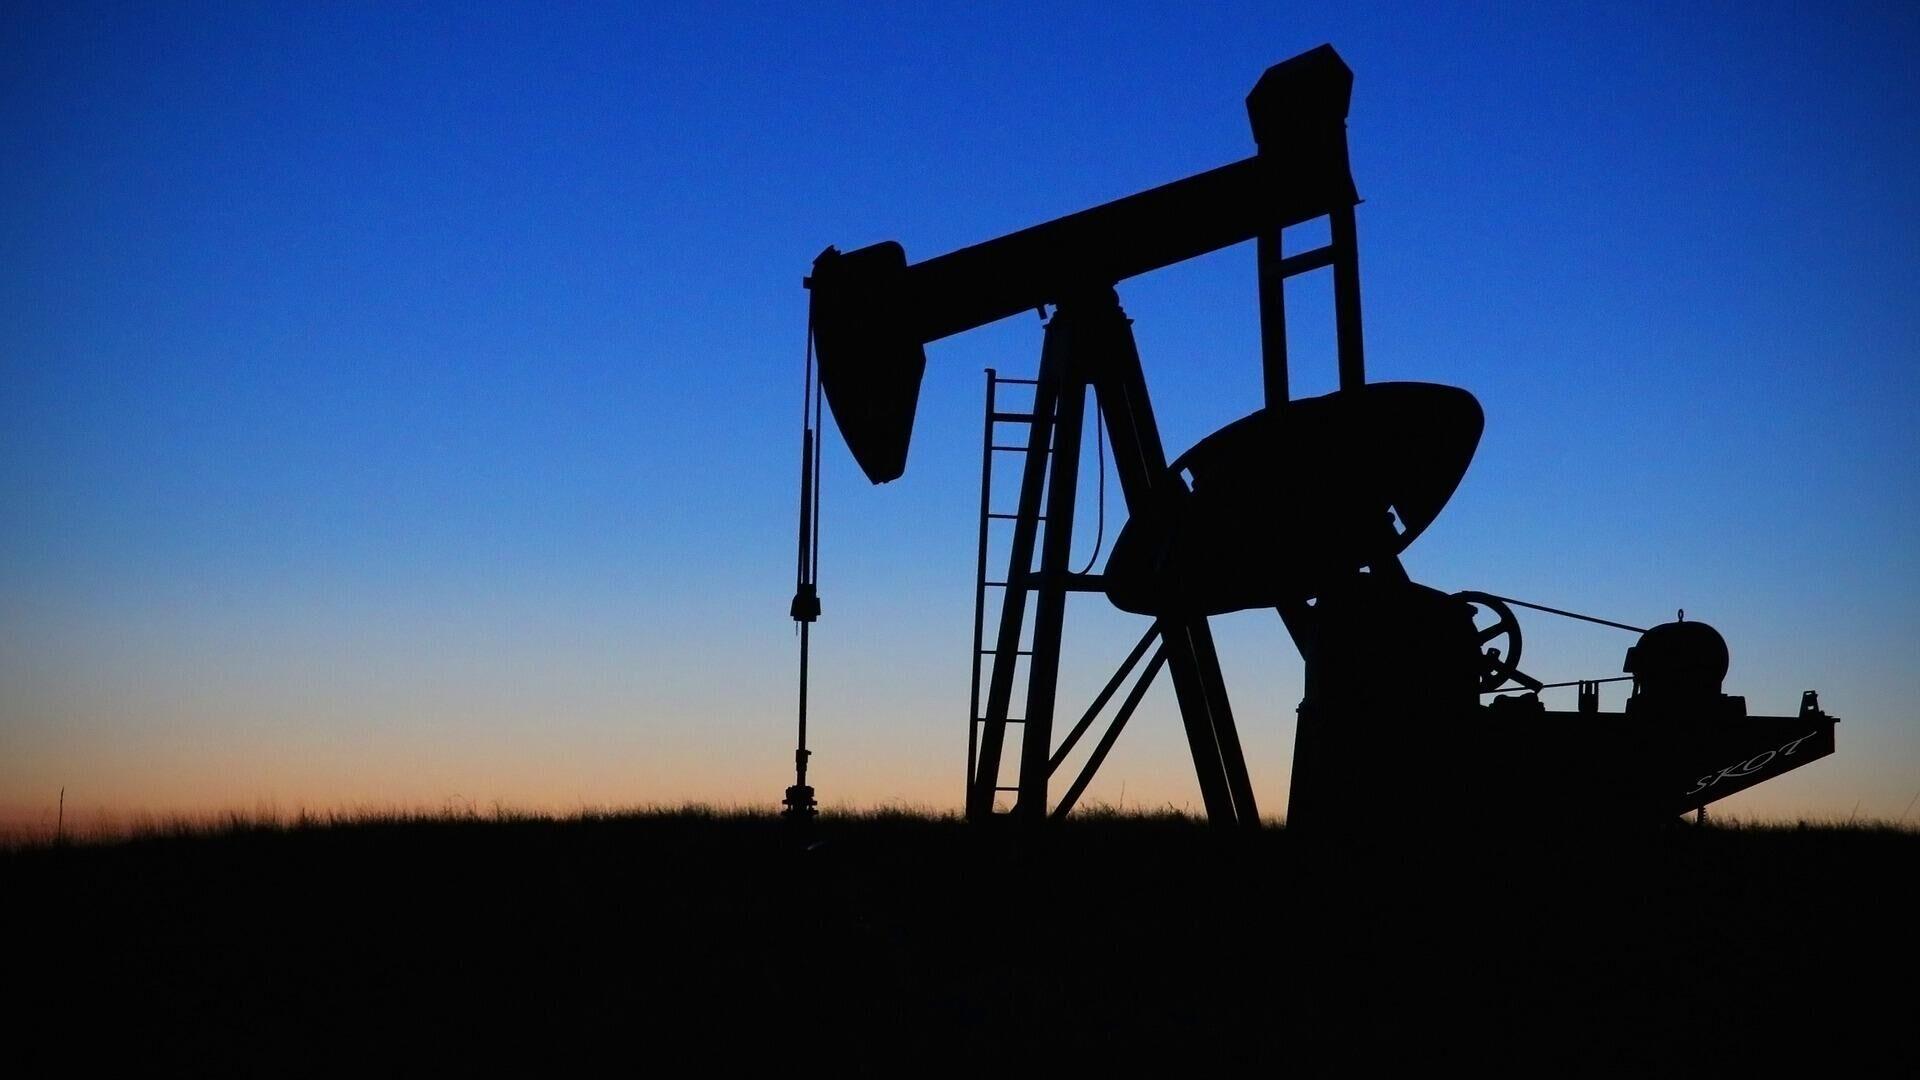 Erdöl (Symbolbild) - SNA, 1920, 10.07.2021